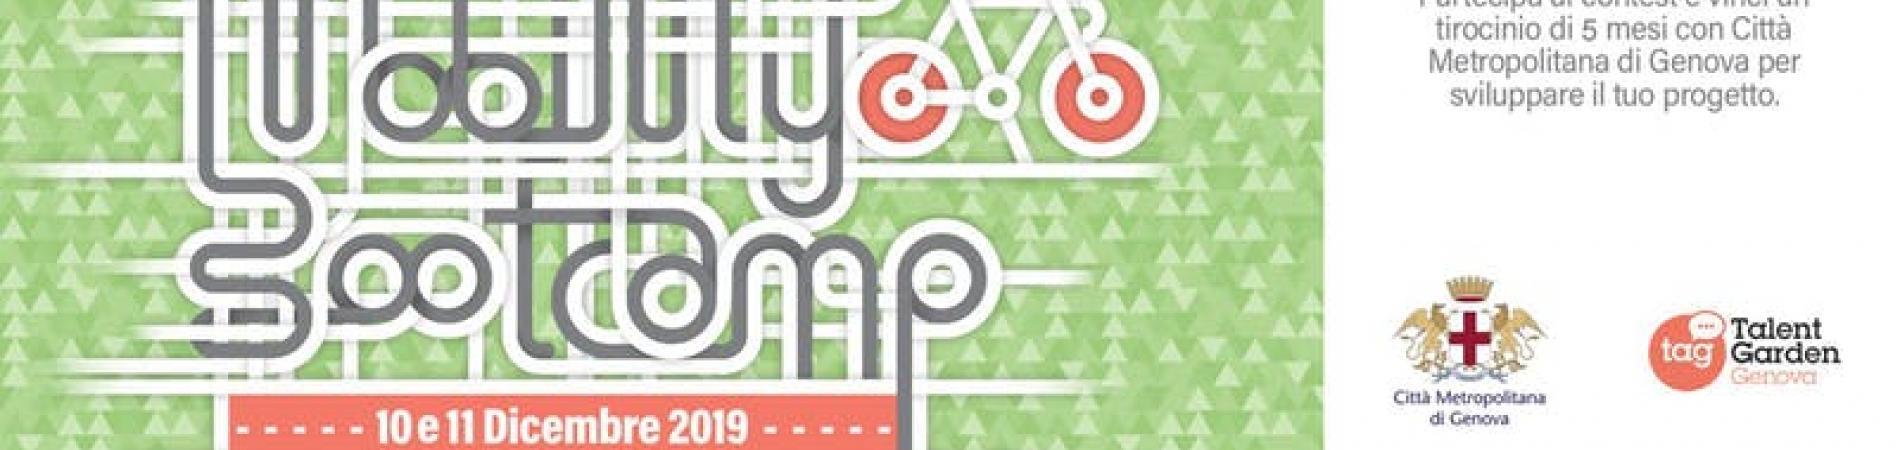 MOBILITY BOOTCAMP 2019: primo concorso di idee dedicato agli studenti universitari per creare una nuova concezione di mobilità ciclabile per Genova